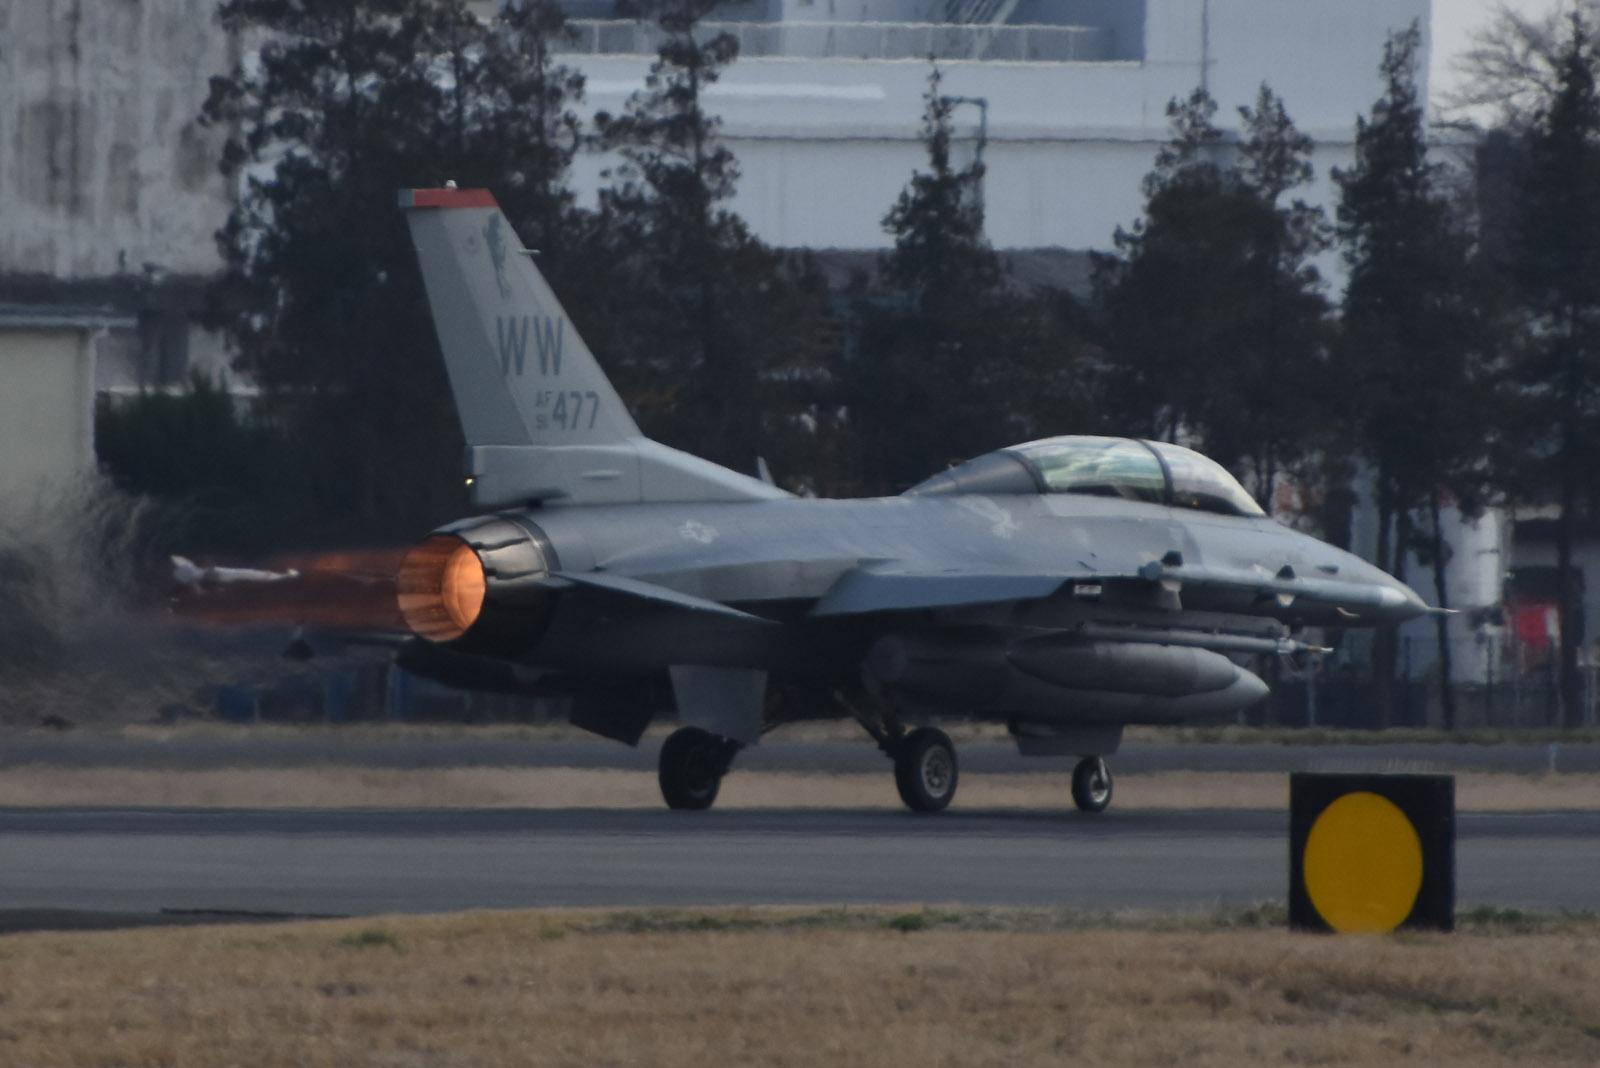 F16dm190312g056